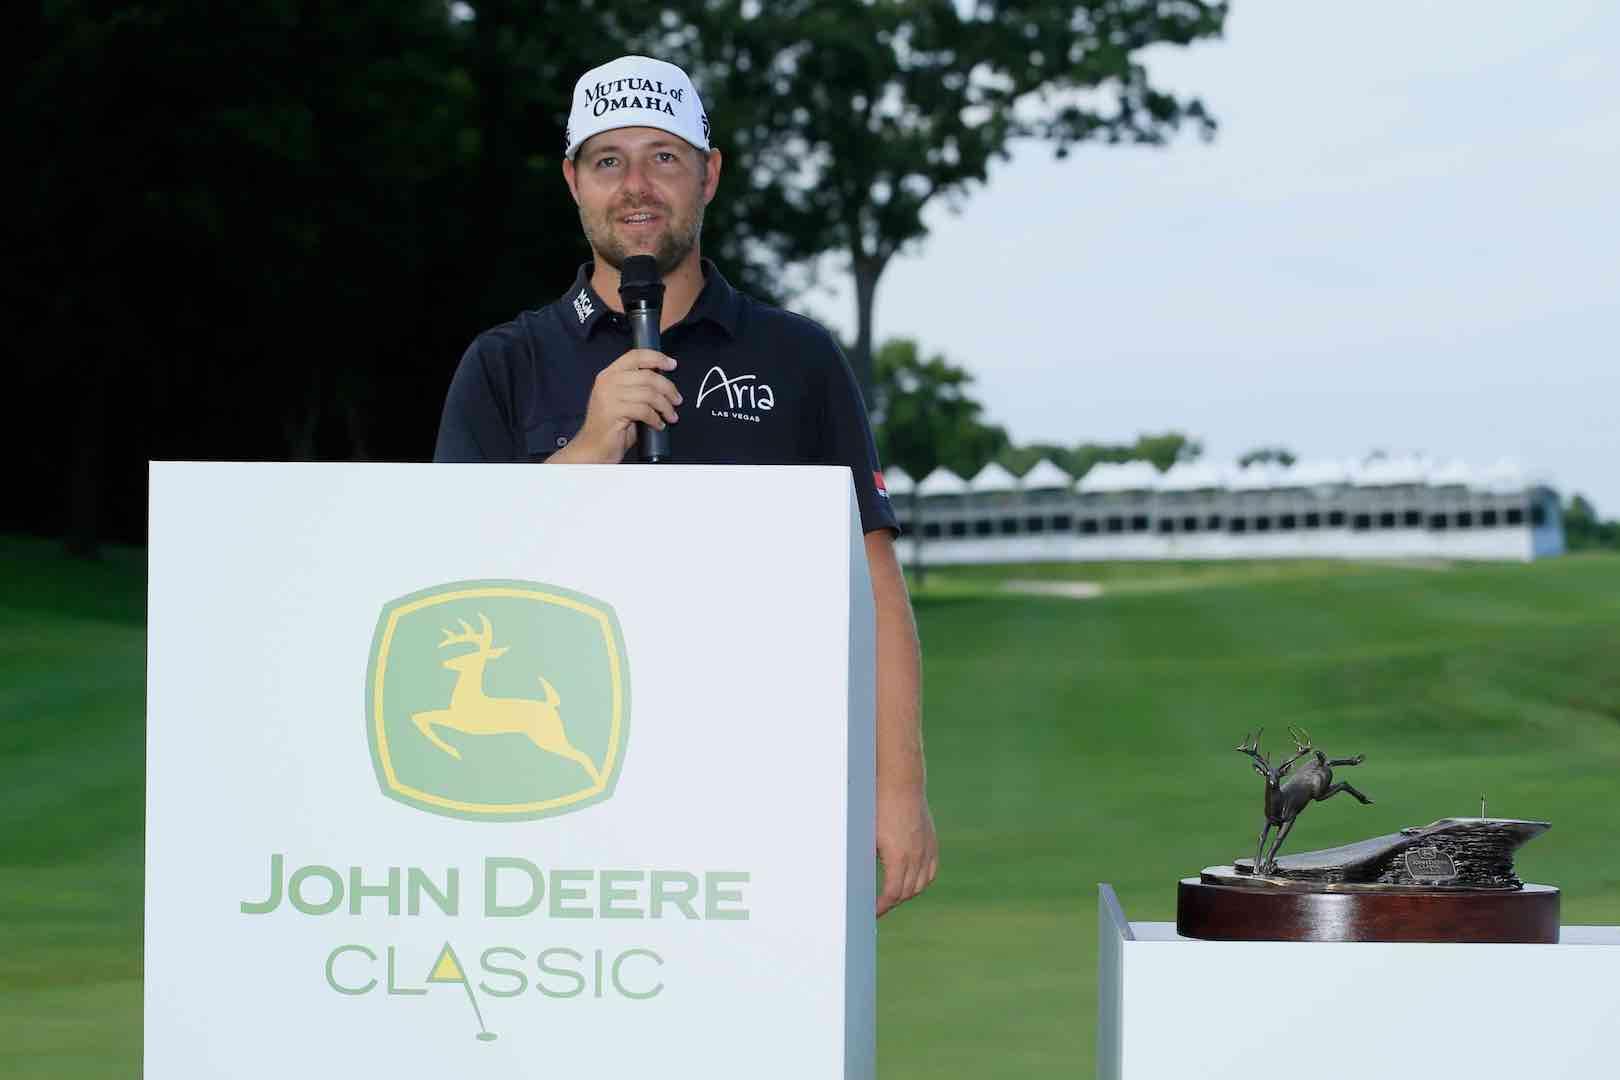 john deere classic wins